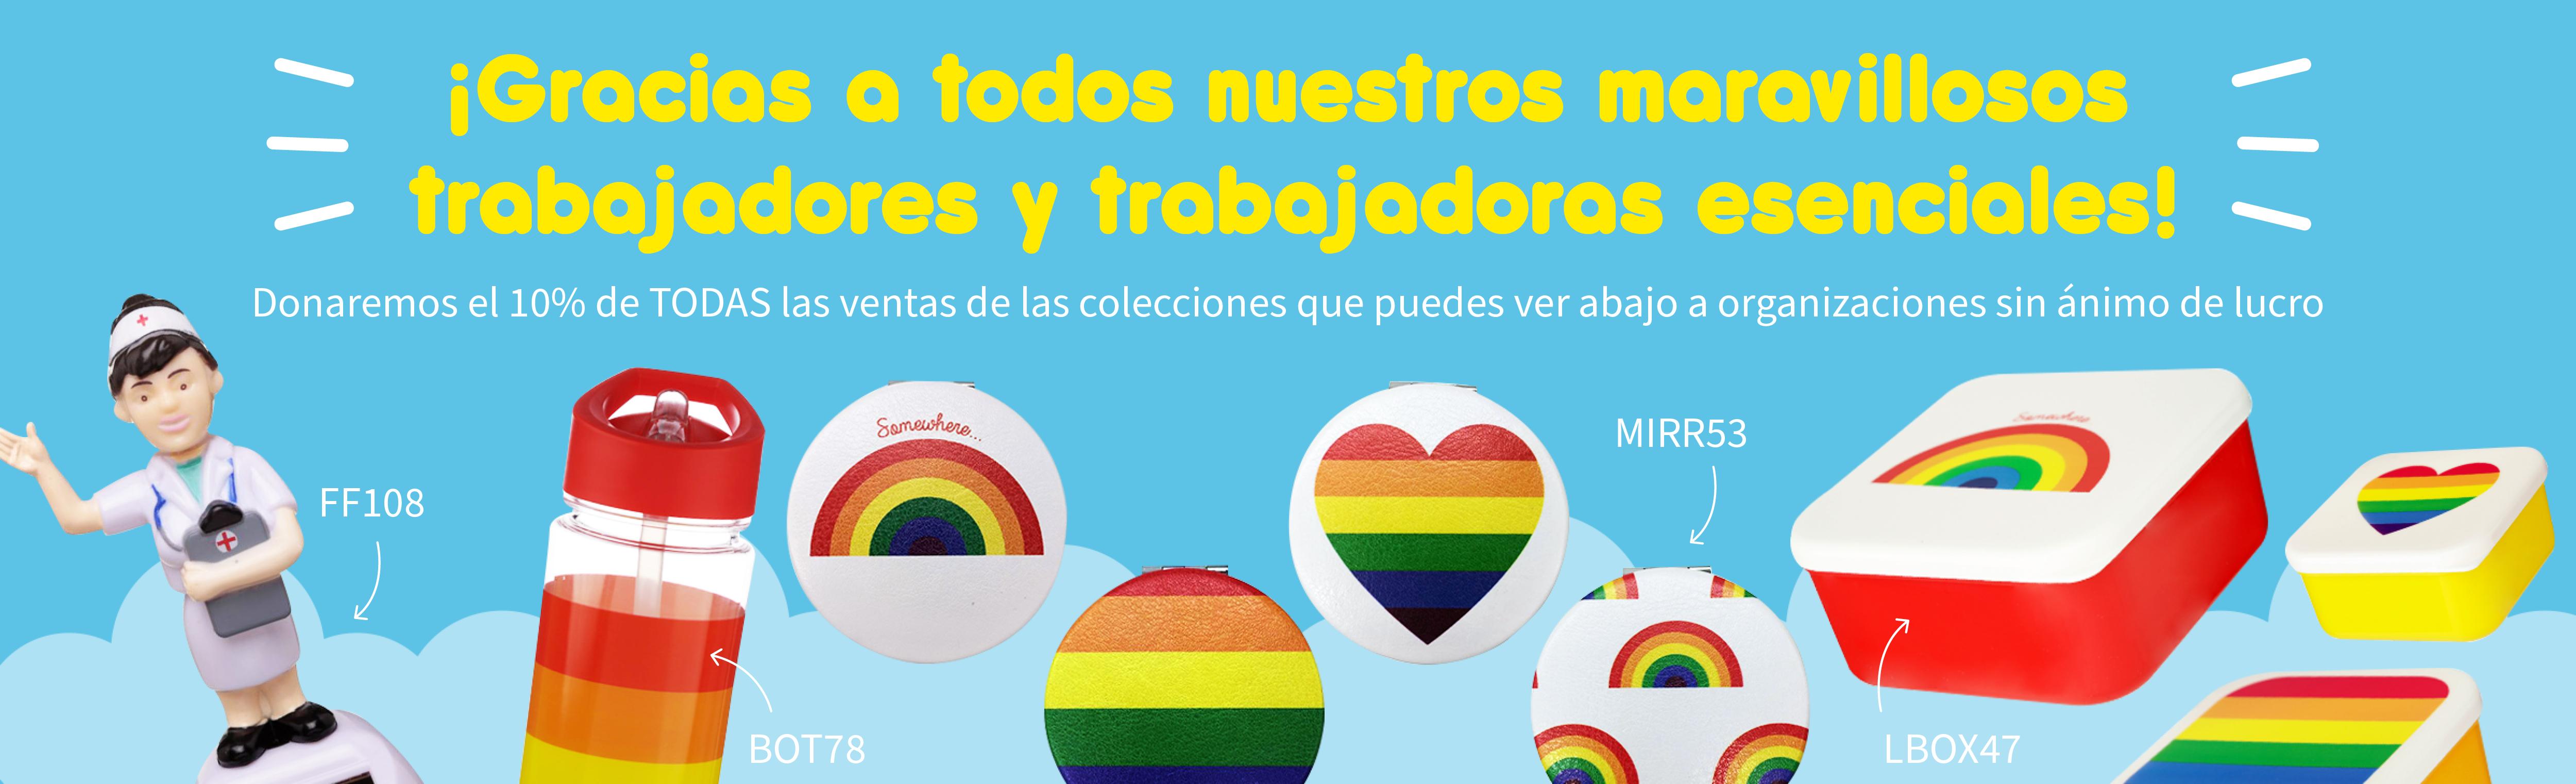 Donación 10% ventas Arcoiris y Enfermera